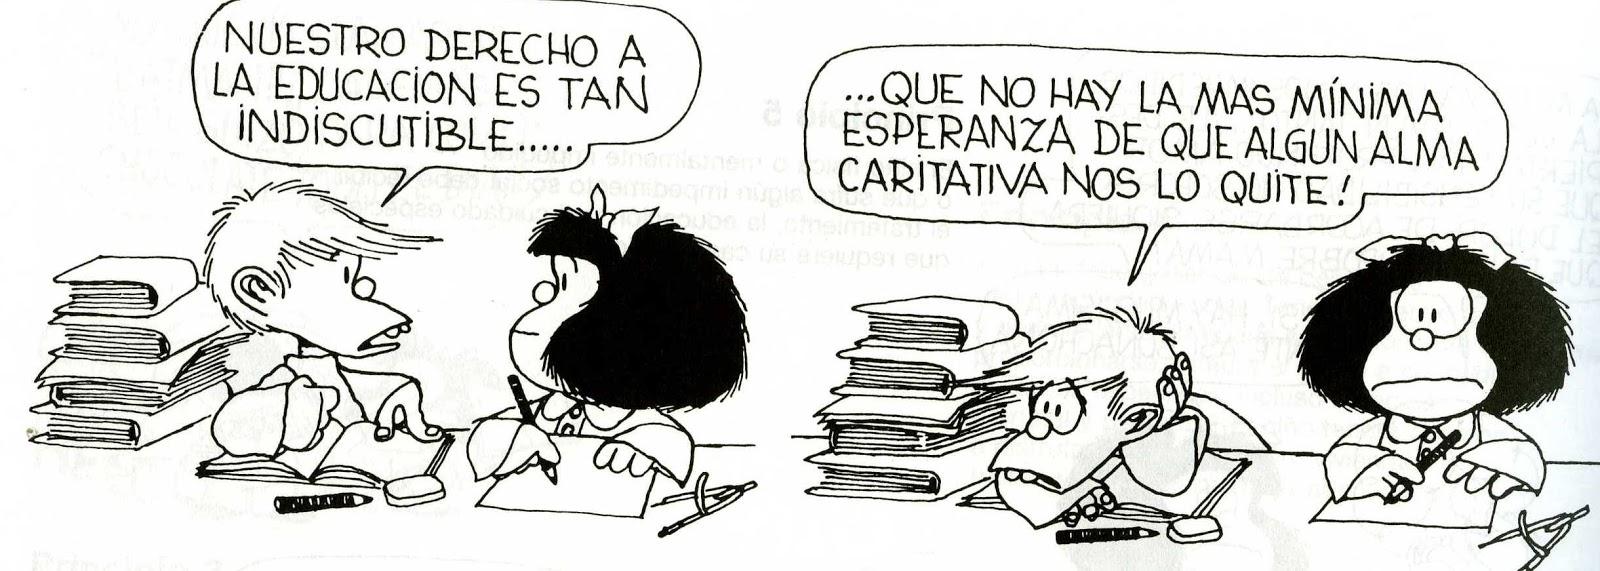 el acceso a la lectura en educacion: